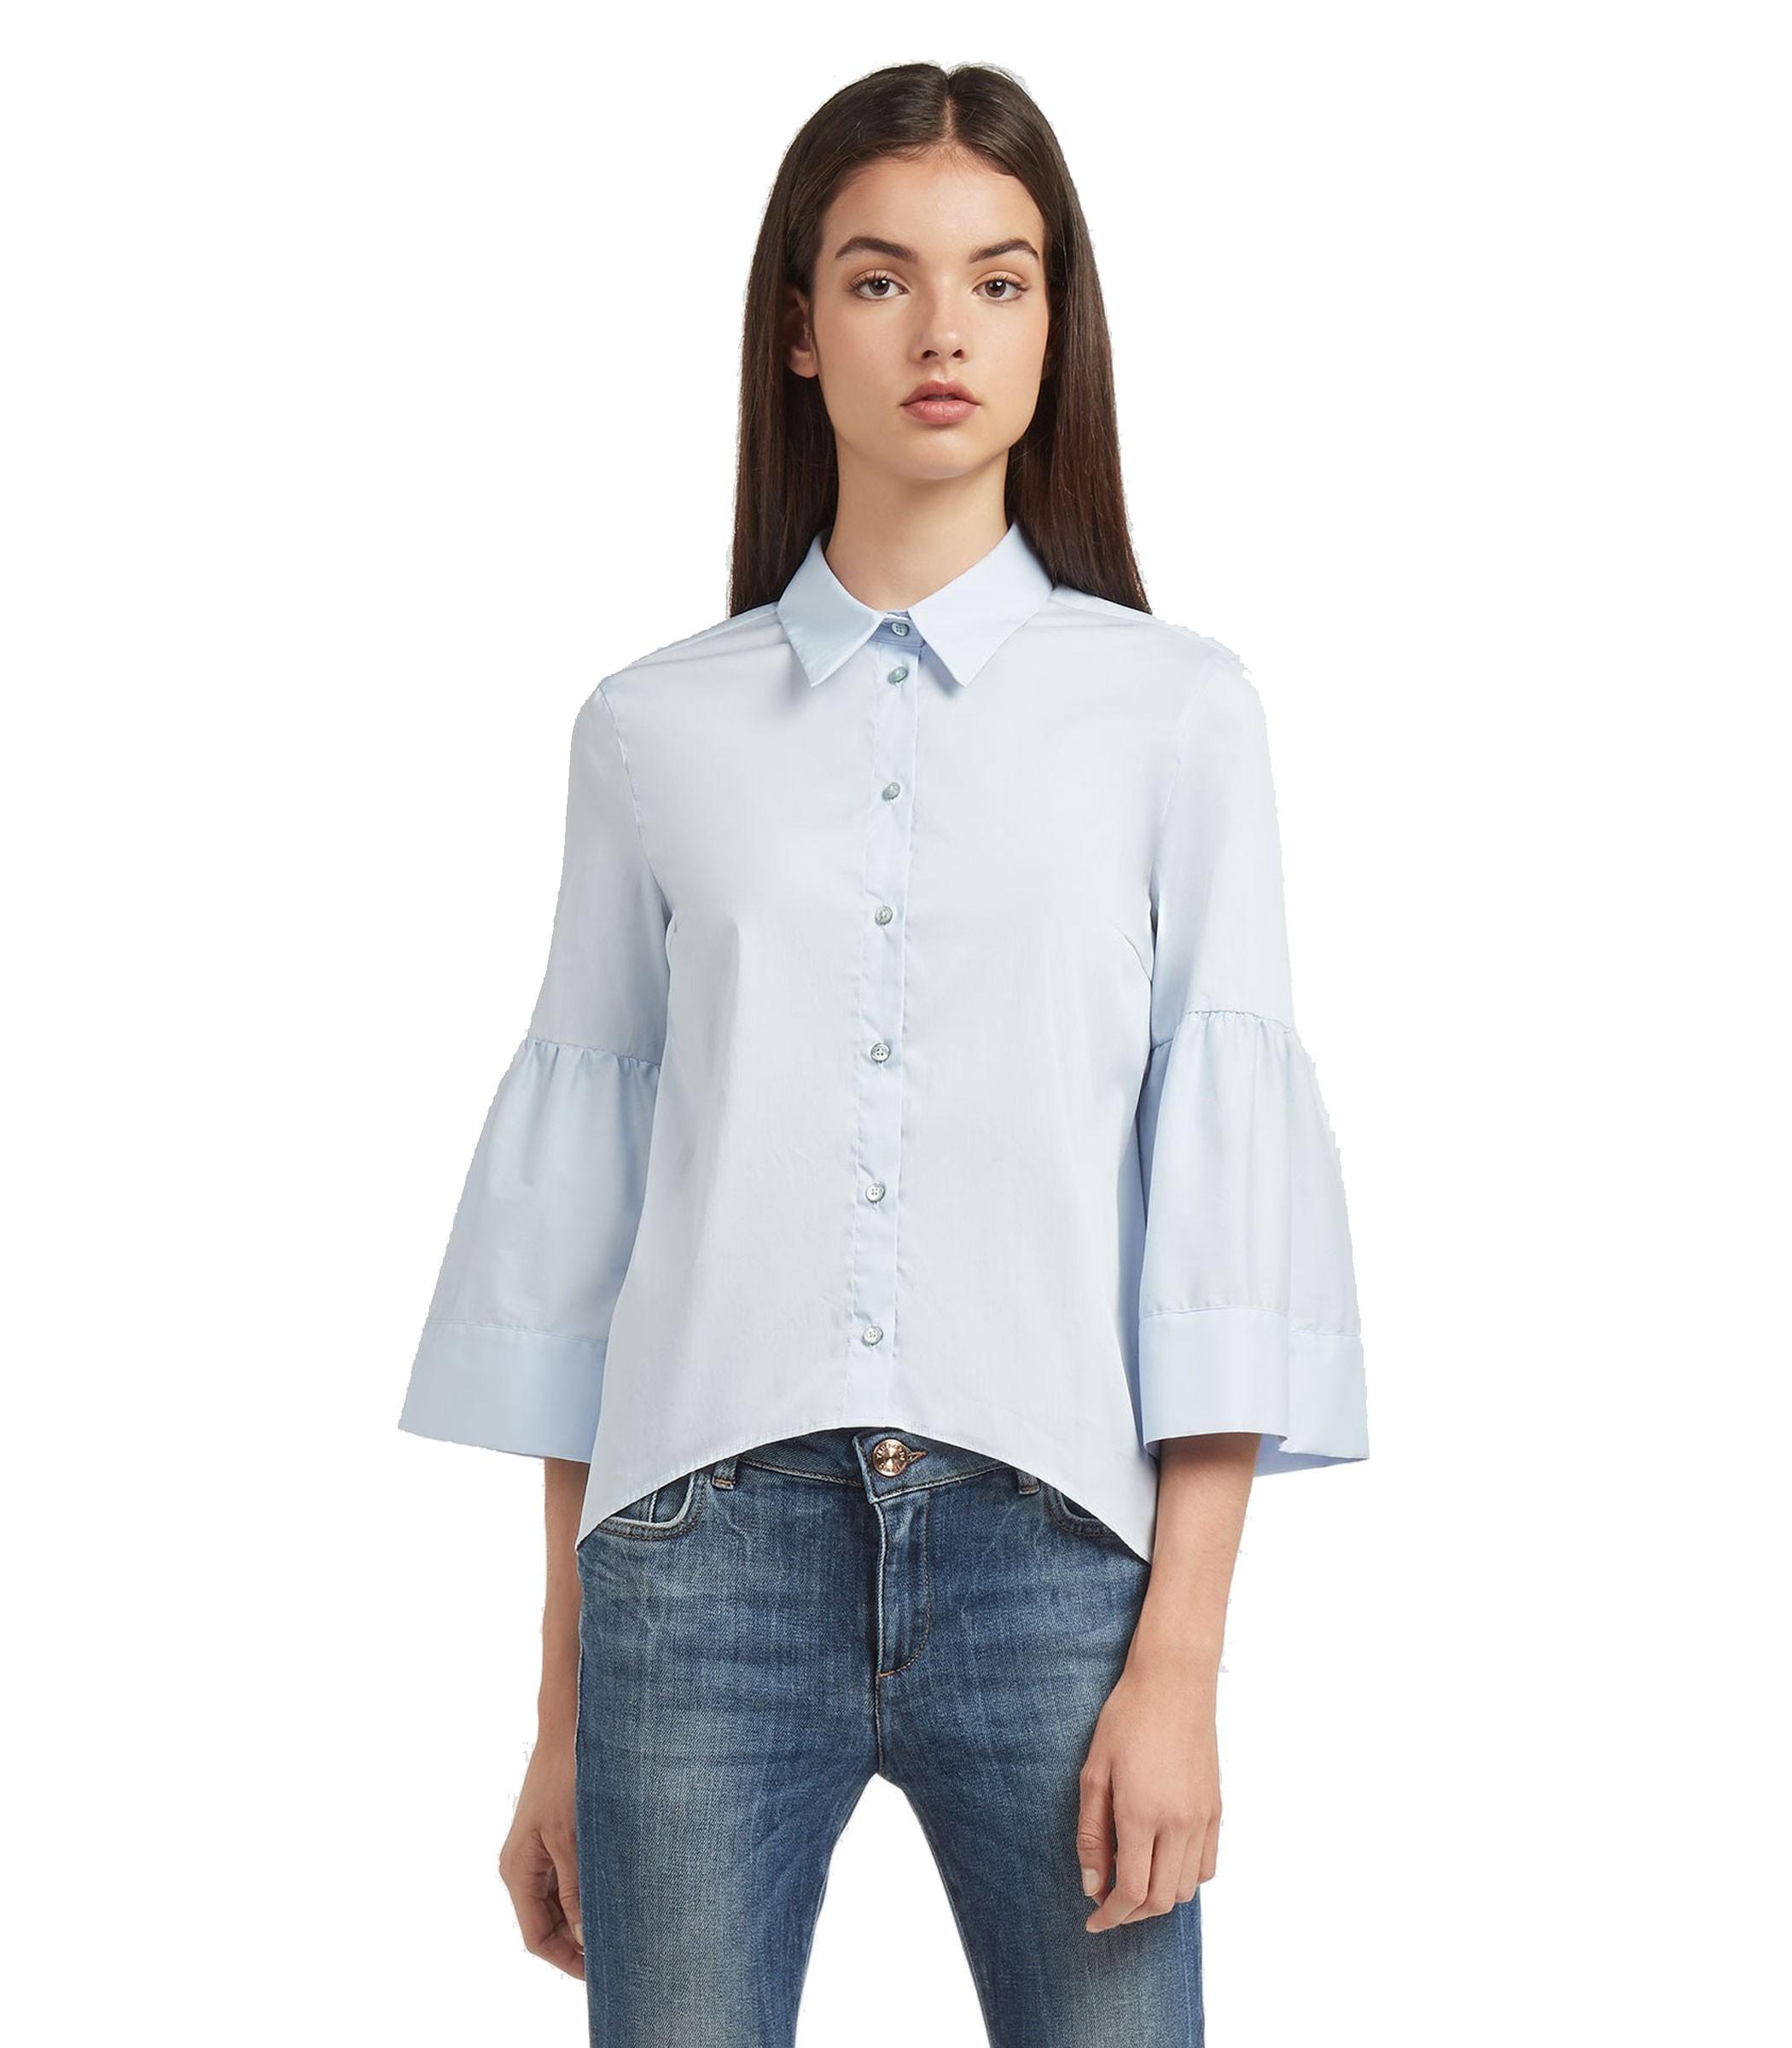 wholesale dealer bfa49 02b7d Camicia Blusa TRUSSARDI con colletto da donna rif. 56C00116 ...